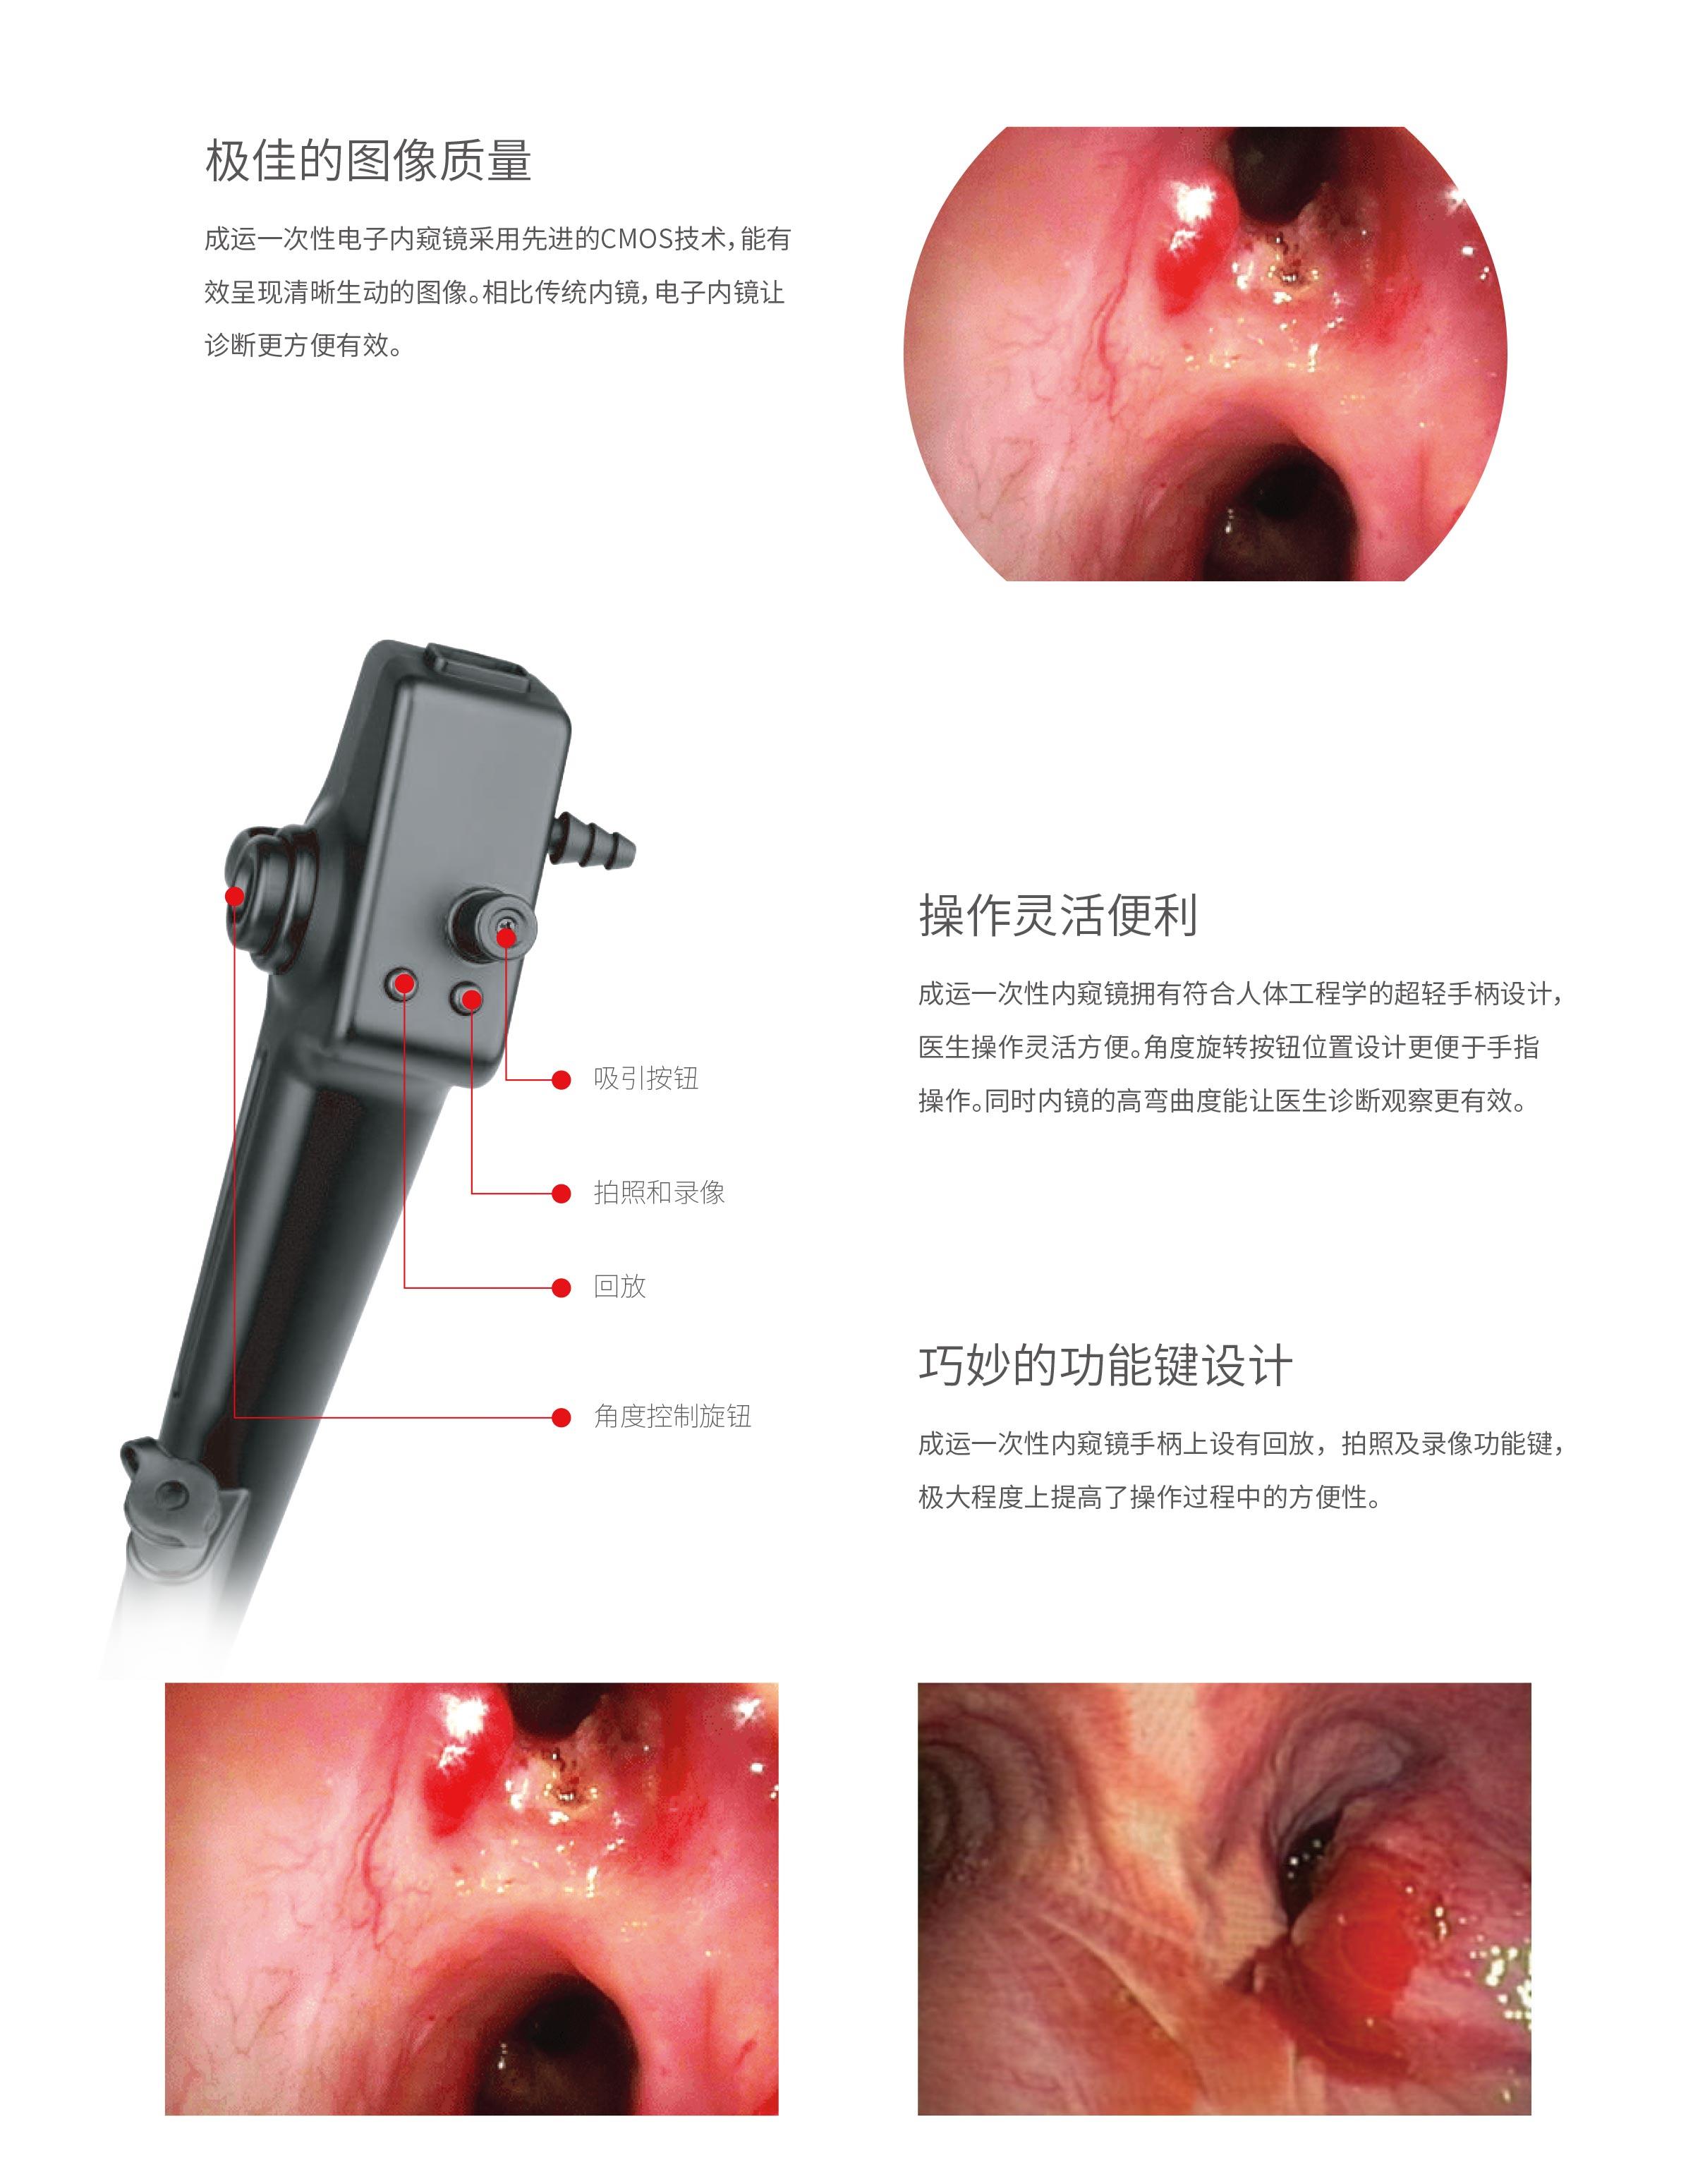 一次性使用内窥镜 VEP-200即将上市